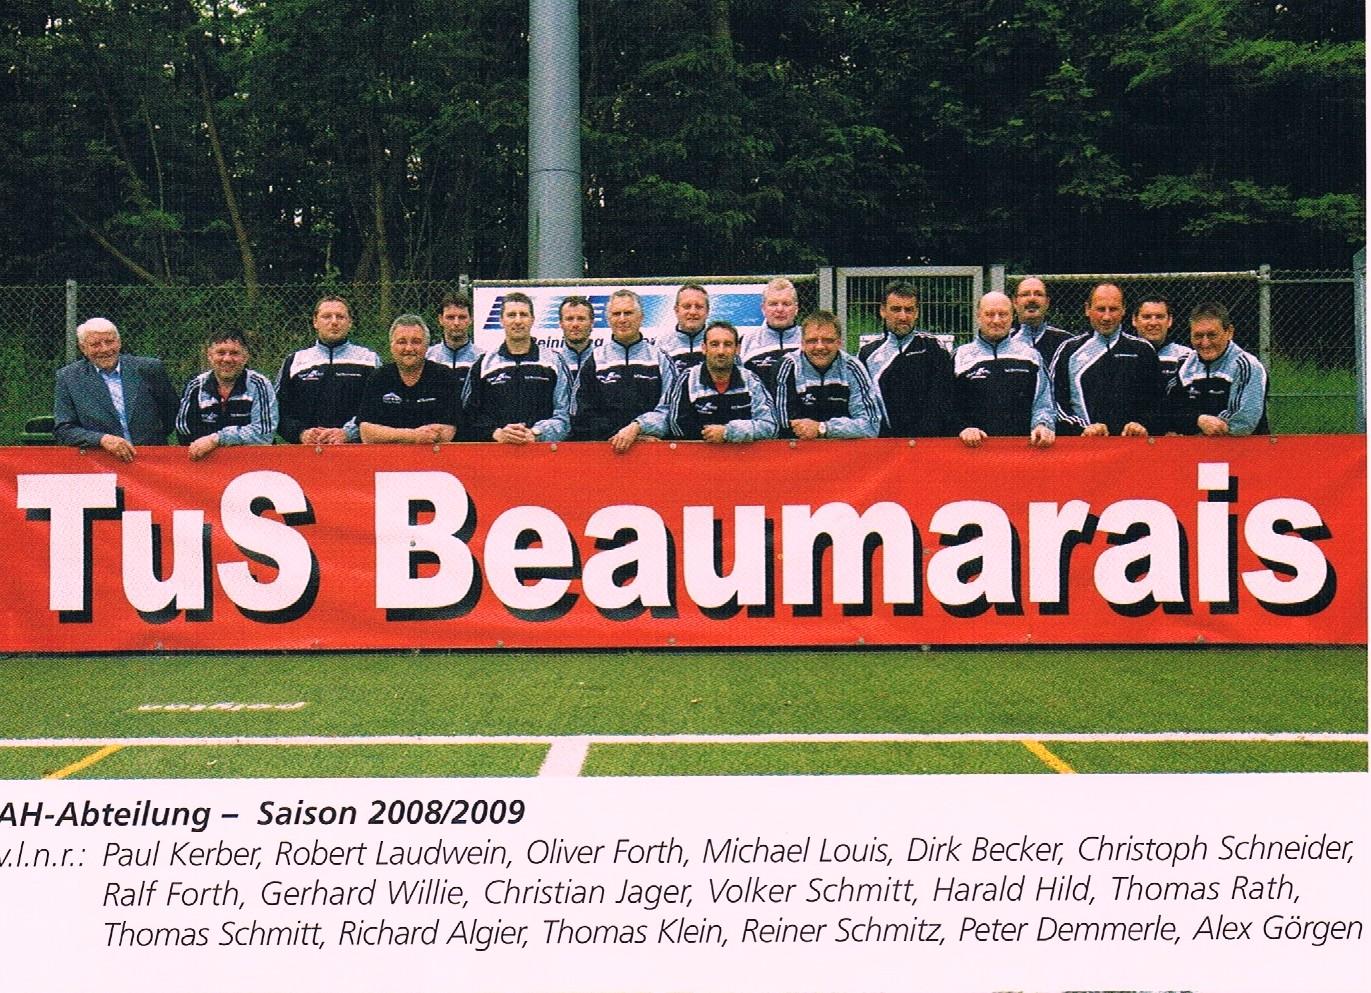 Alte Herren 2008/09